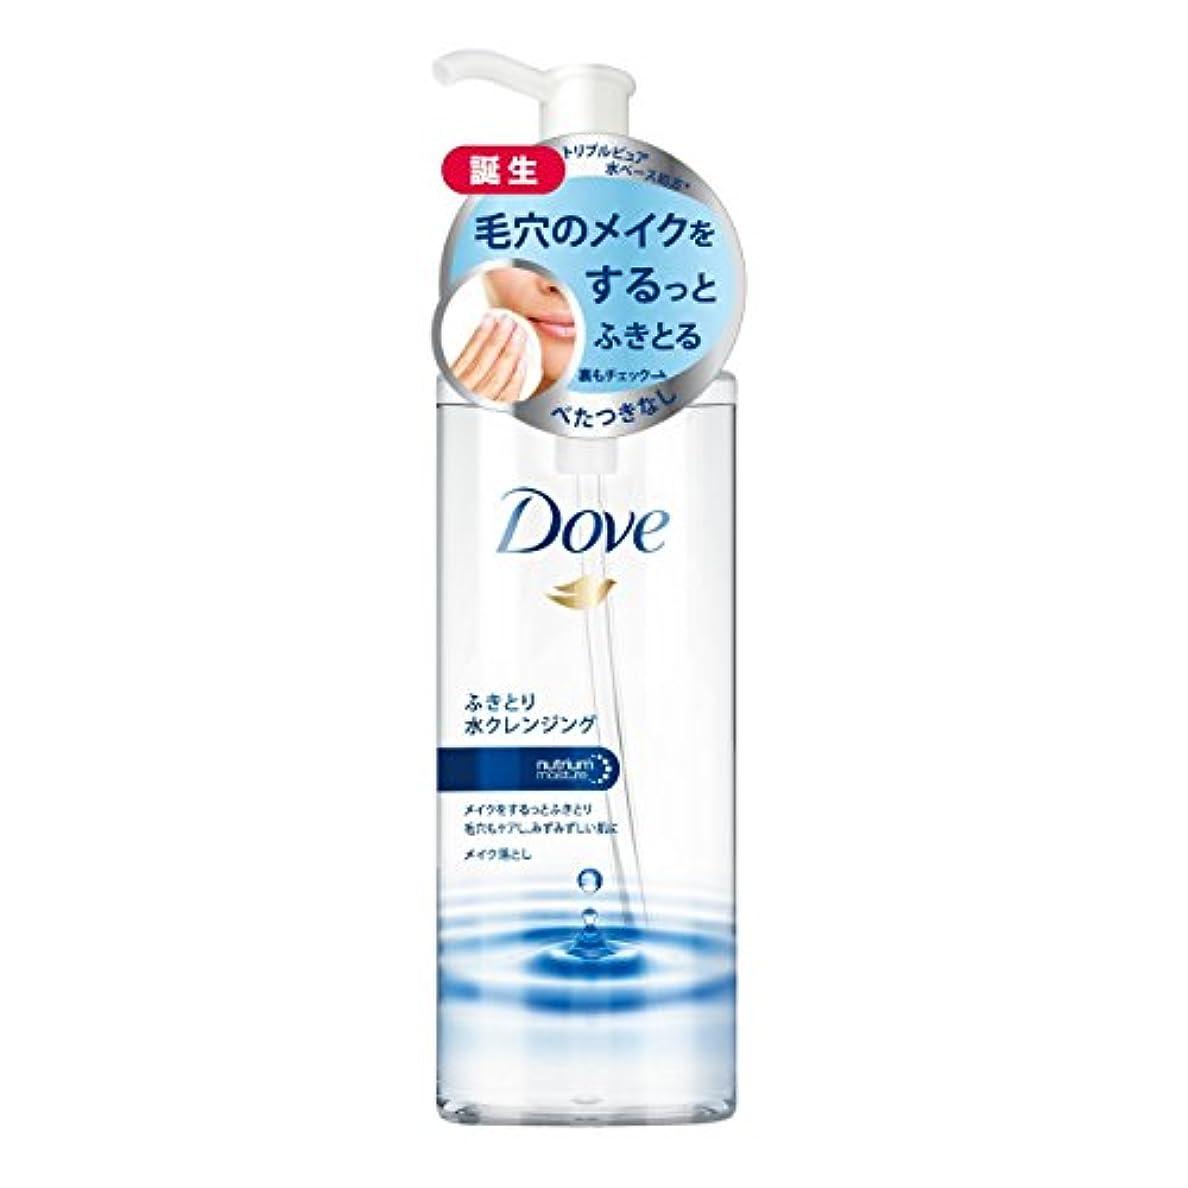 痛いダーベビルのテス拘束Dove ダヴ ふきとり 水クレンジング 235ml